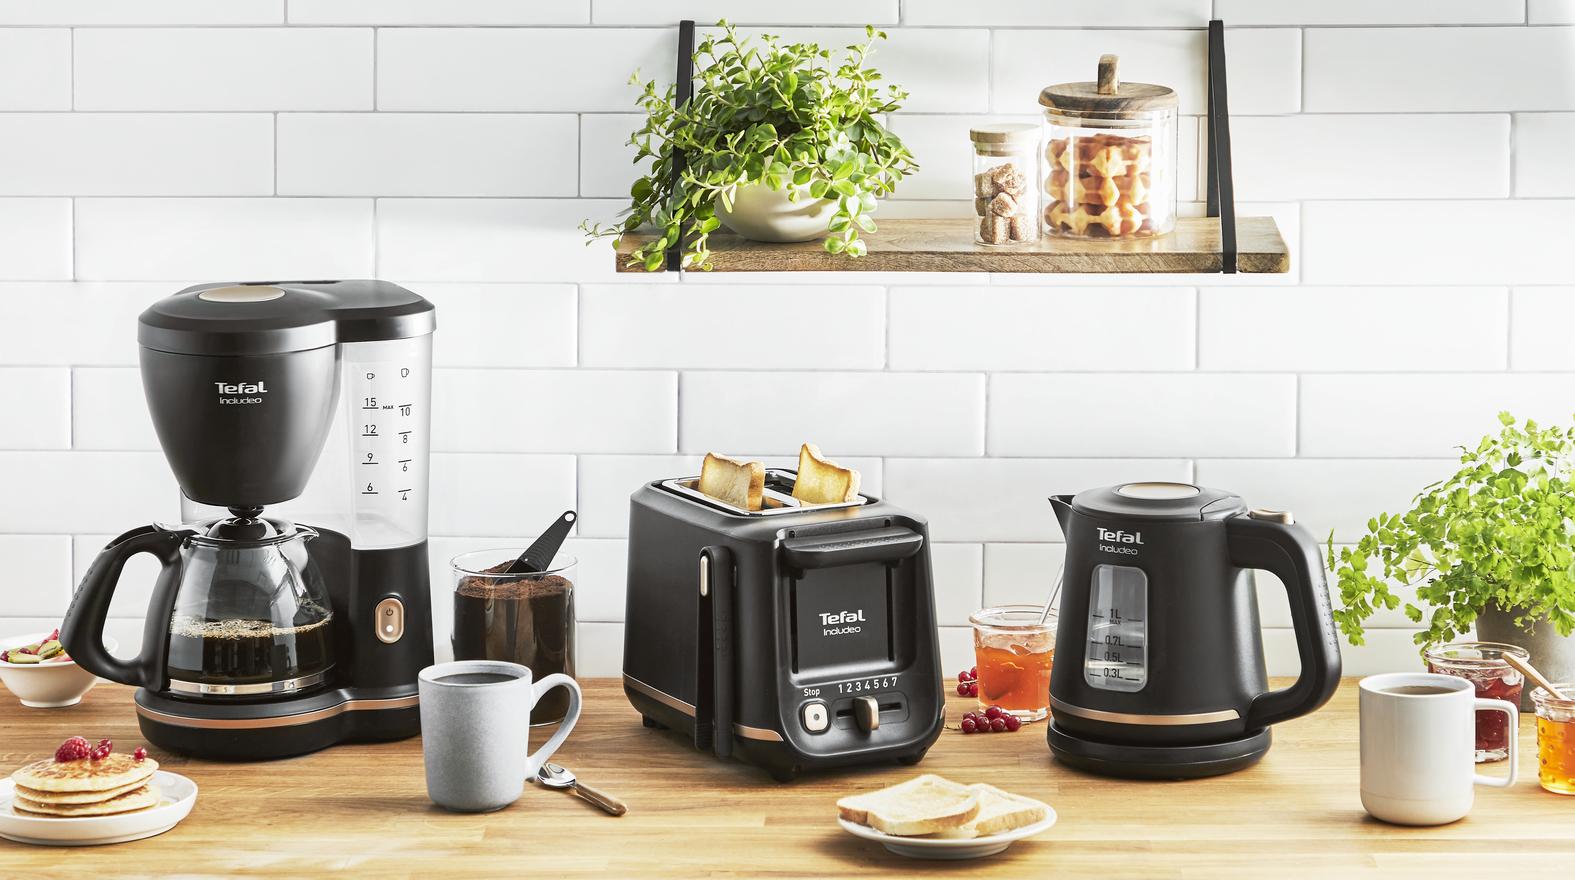 Filterkaffeemaschine, Wasserkocher und Toaster: Das erstes Frühstücksset, das durch inklusives Design und einfache Handhabung überzeugt.